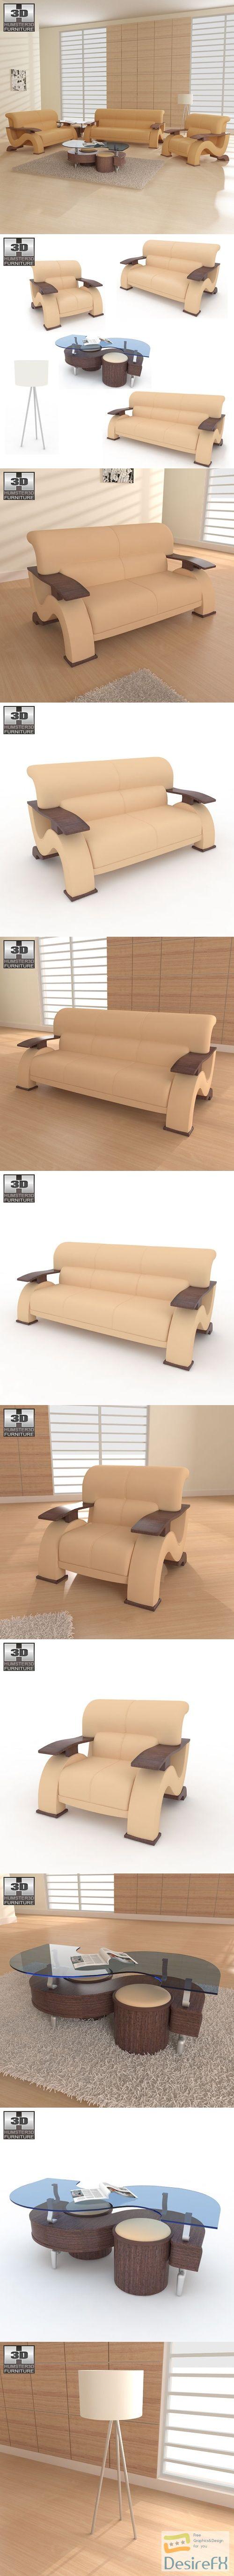 Living Room Furniture 06 Set 3D Model